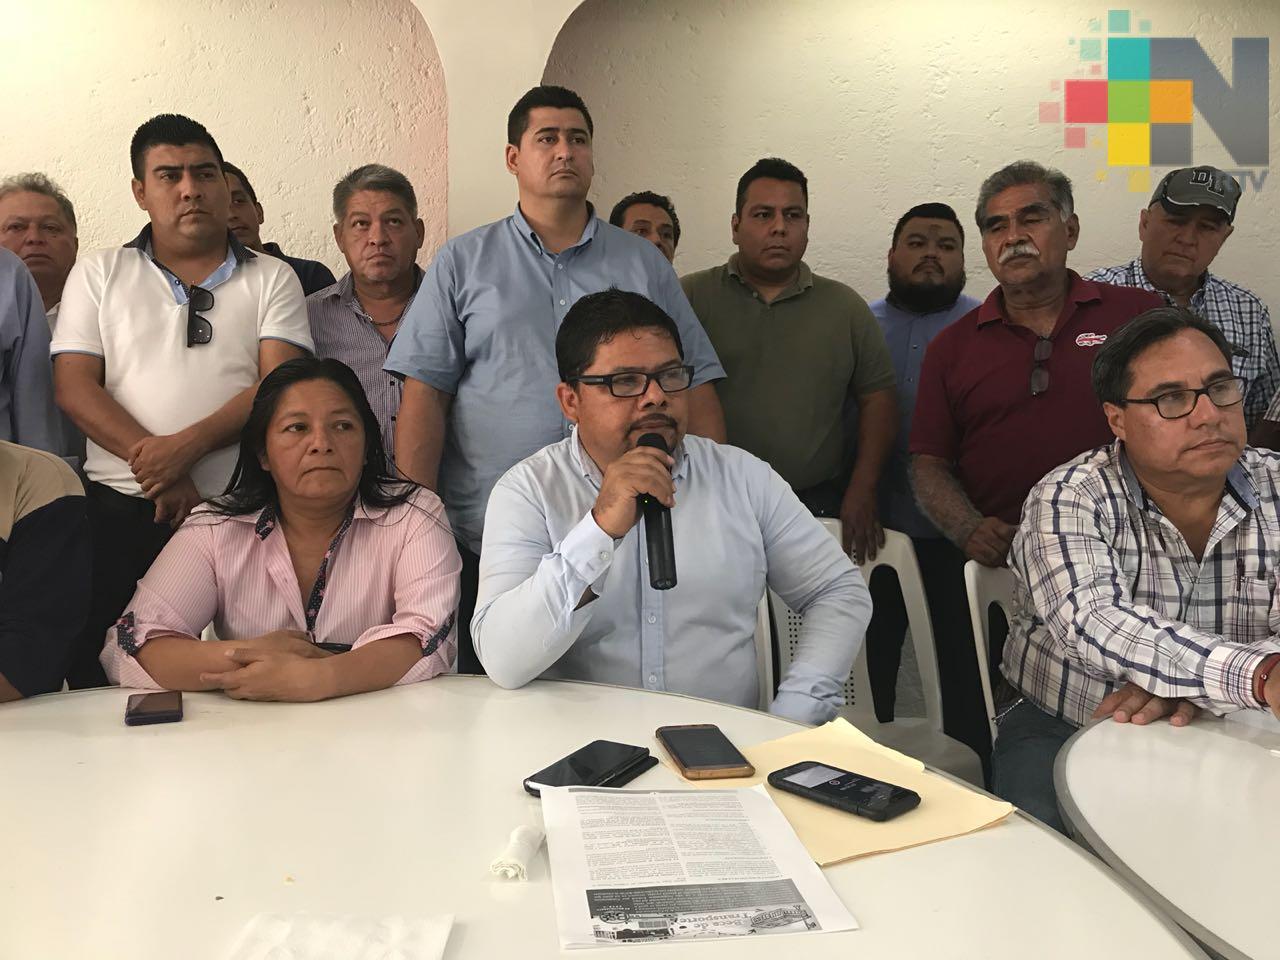 Transportistas urbanos del sur de Veracruz solicitaron un incremento en la tarifa de 9 a 12 pesos